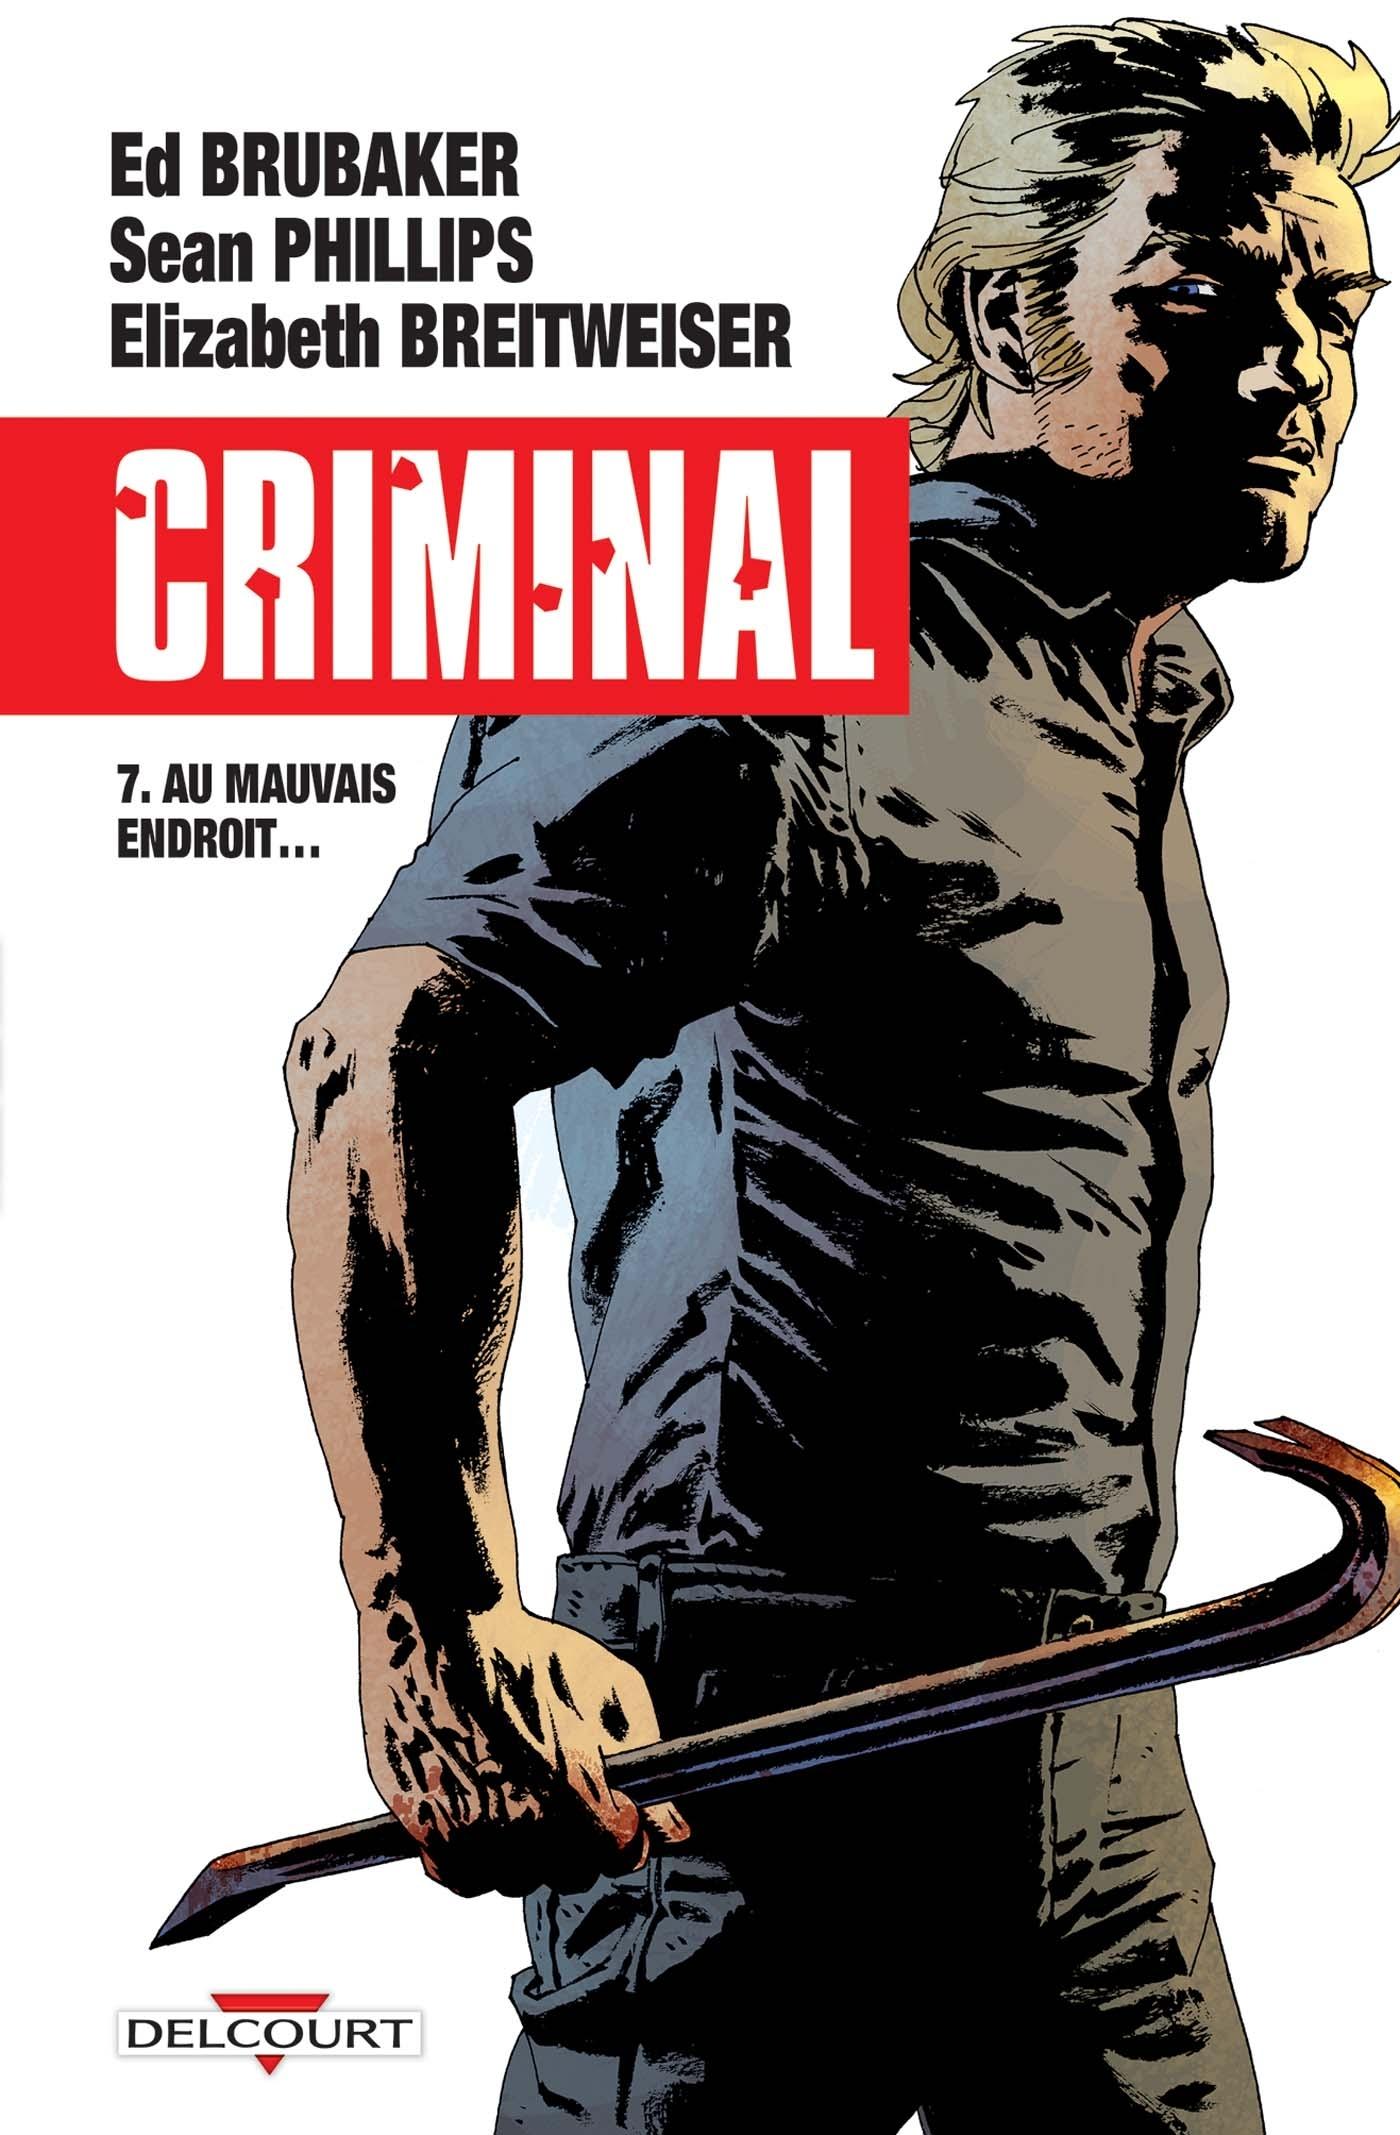 CRIMINAL T7 AU MAUVAIS ENDROIT